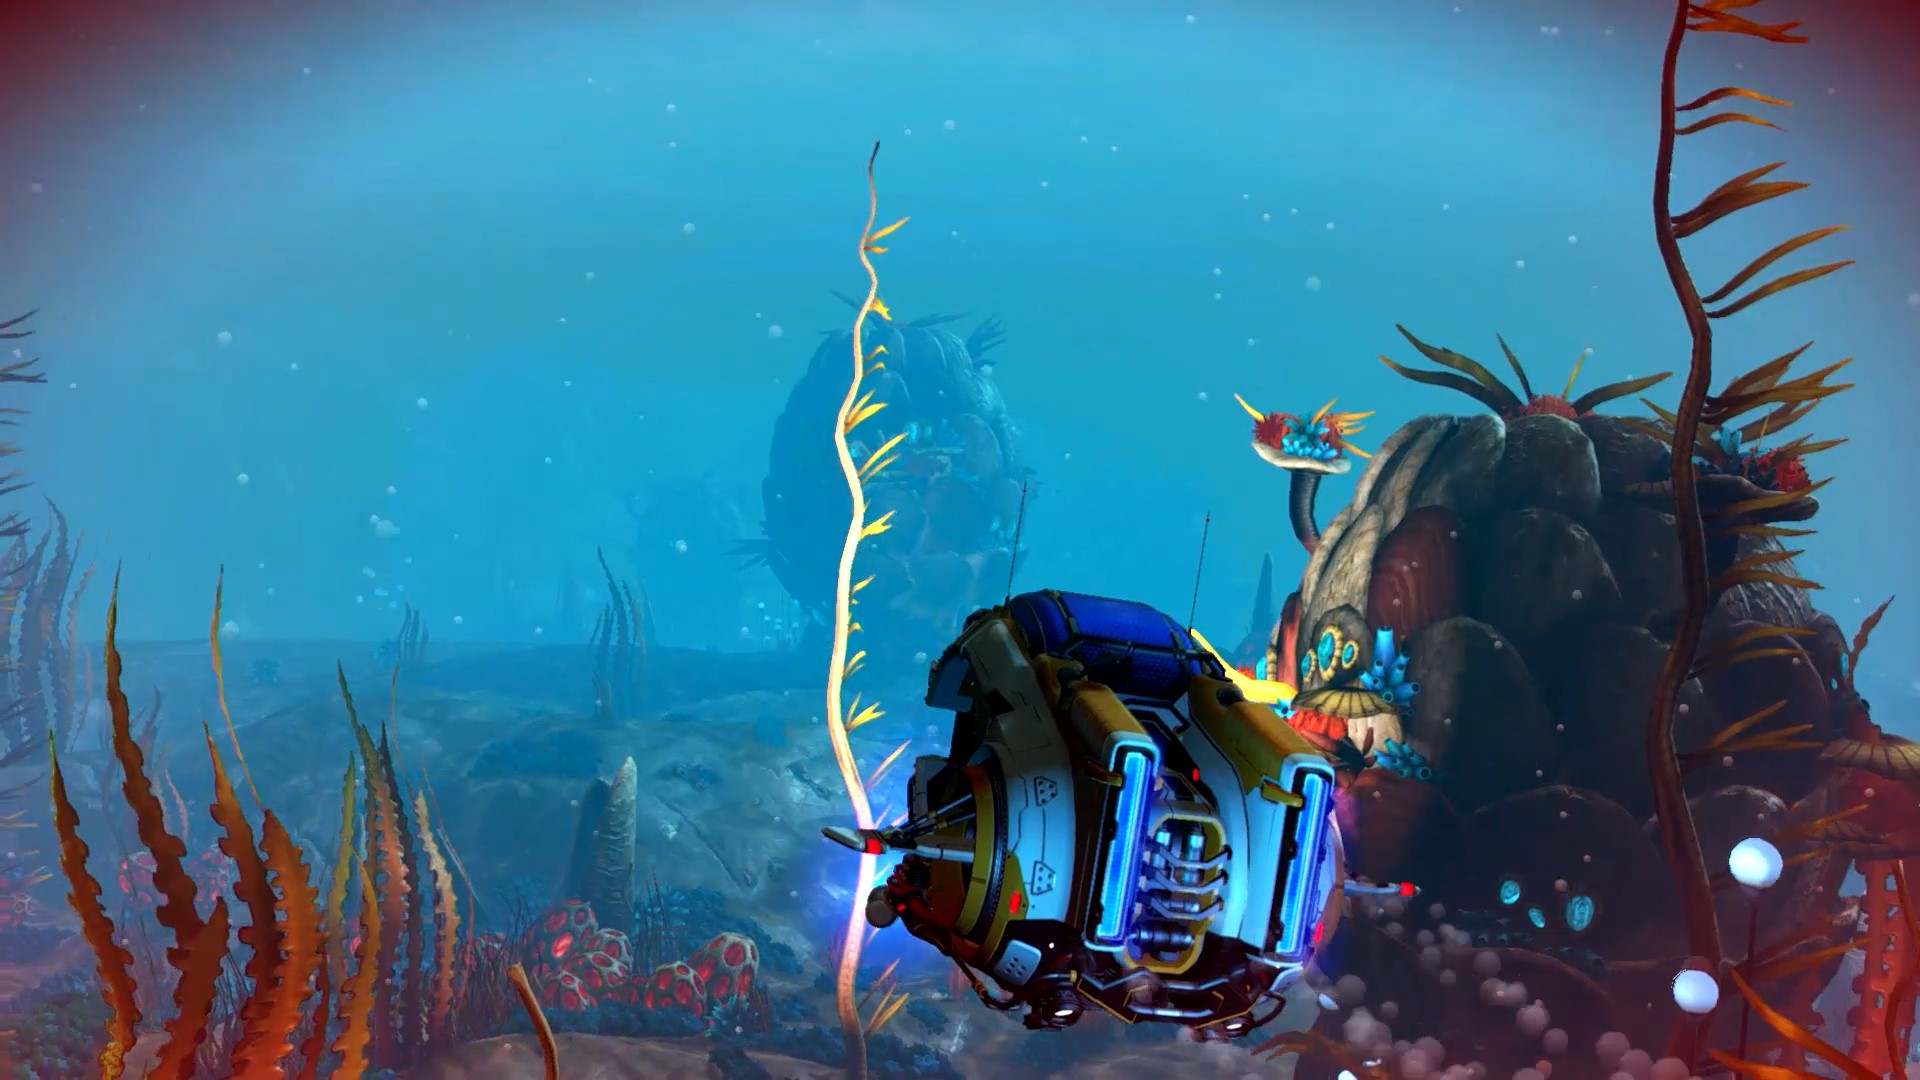 【17173新闻报道,转载请注明出处】 《无人深空》(No Mans Sky)最新免费更新The Abyss(深渊)现已对PC Steam、PlayStation 4 与 Xbox One玩家开放下载。The Abyss是英国独立开发商Hello Games继今年初 No Mans Sky NEXT更新后的第一个重要版本更新,它为玩家带来了比以往多出5倍的水中环境内容,其中包含新的潜水载具与优化水下视觉效果等。 水下任务与剧情:新的故事 深邃梦境(The Dreams of the D